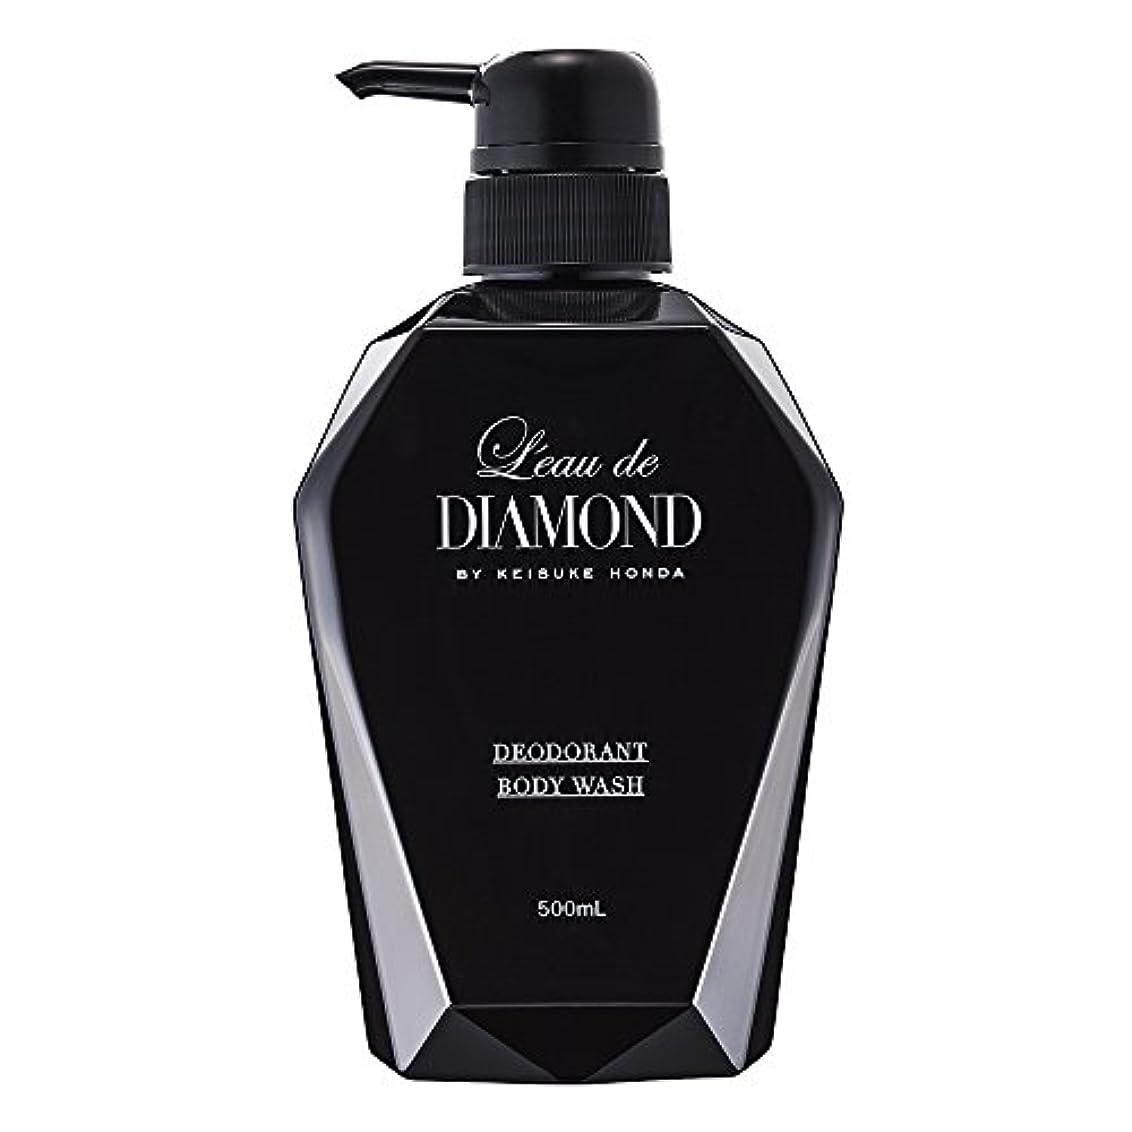 ほぼ生物学びっくりするロードダイアモンド 薬用デオドラントボディウォッシュ 500ml